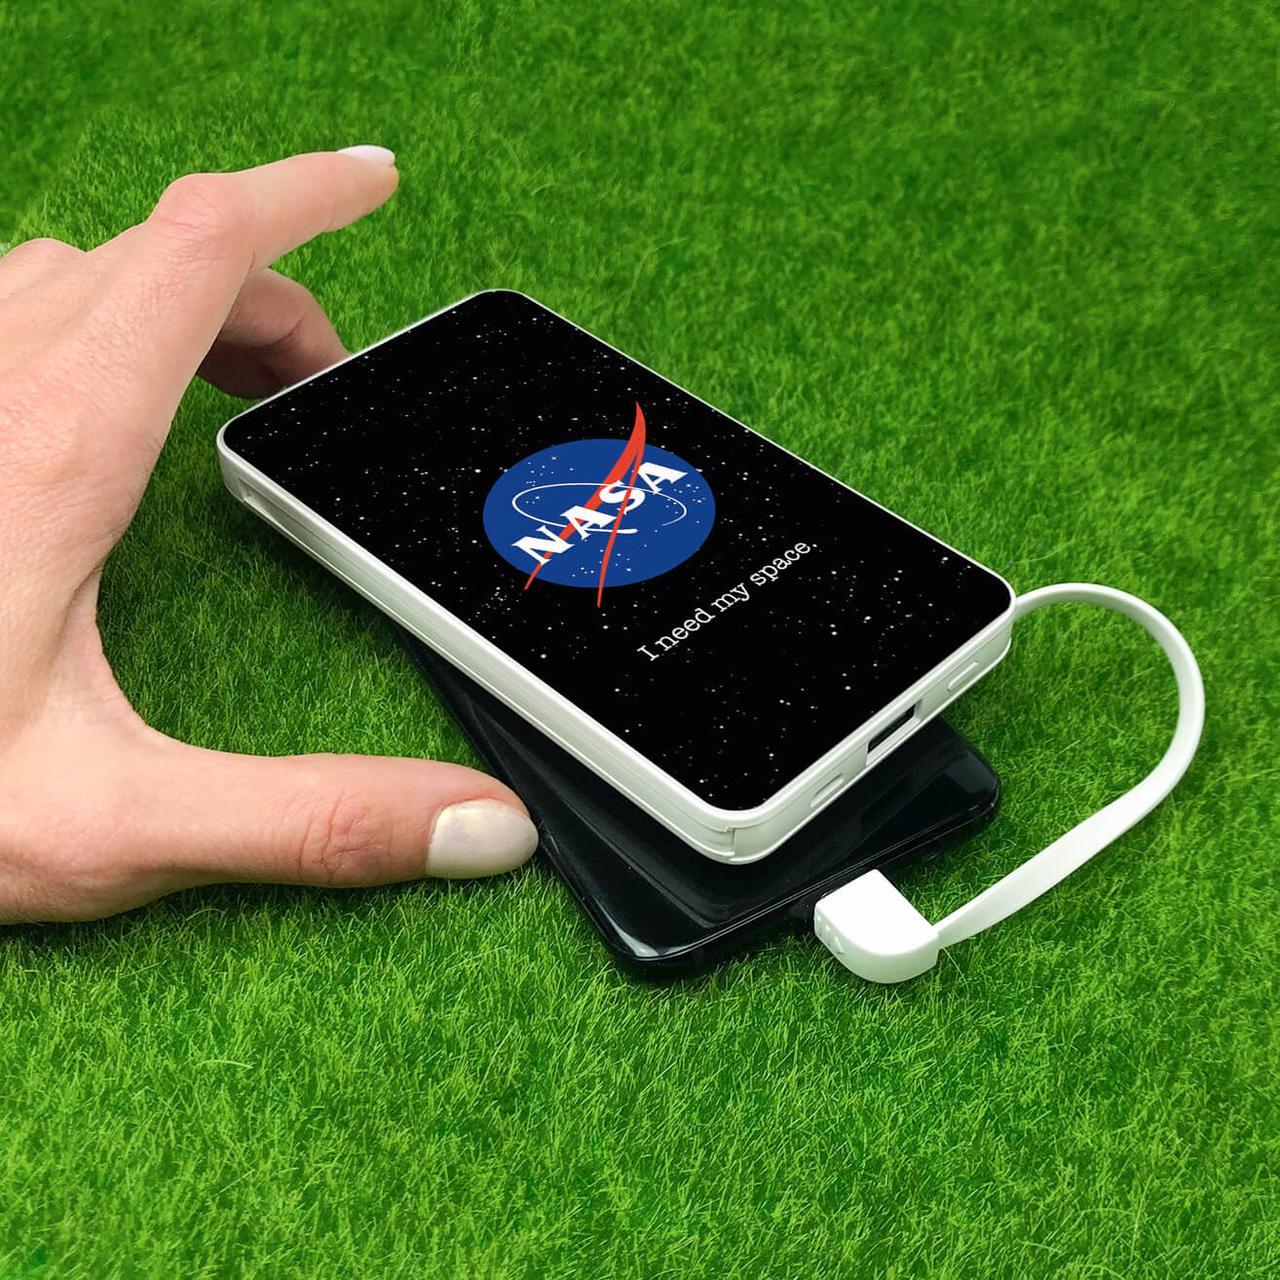 Повербанк з малюнком ZIZ НАСА 10000 mAh Powerbank, повер банк, power bank, портативний акумулятор